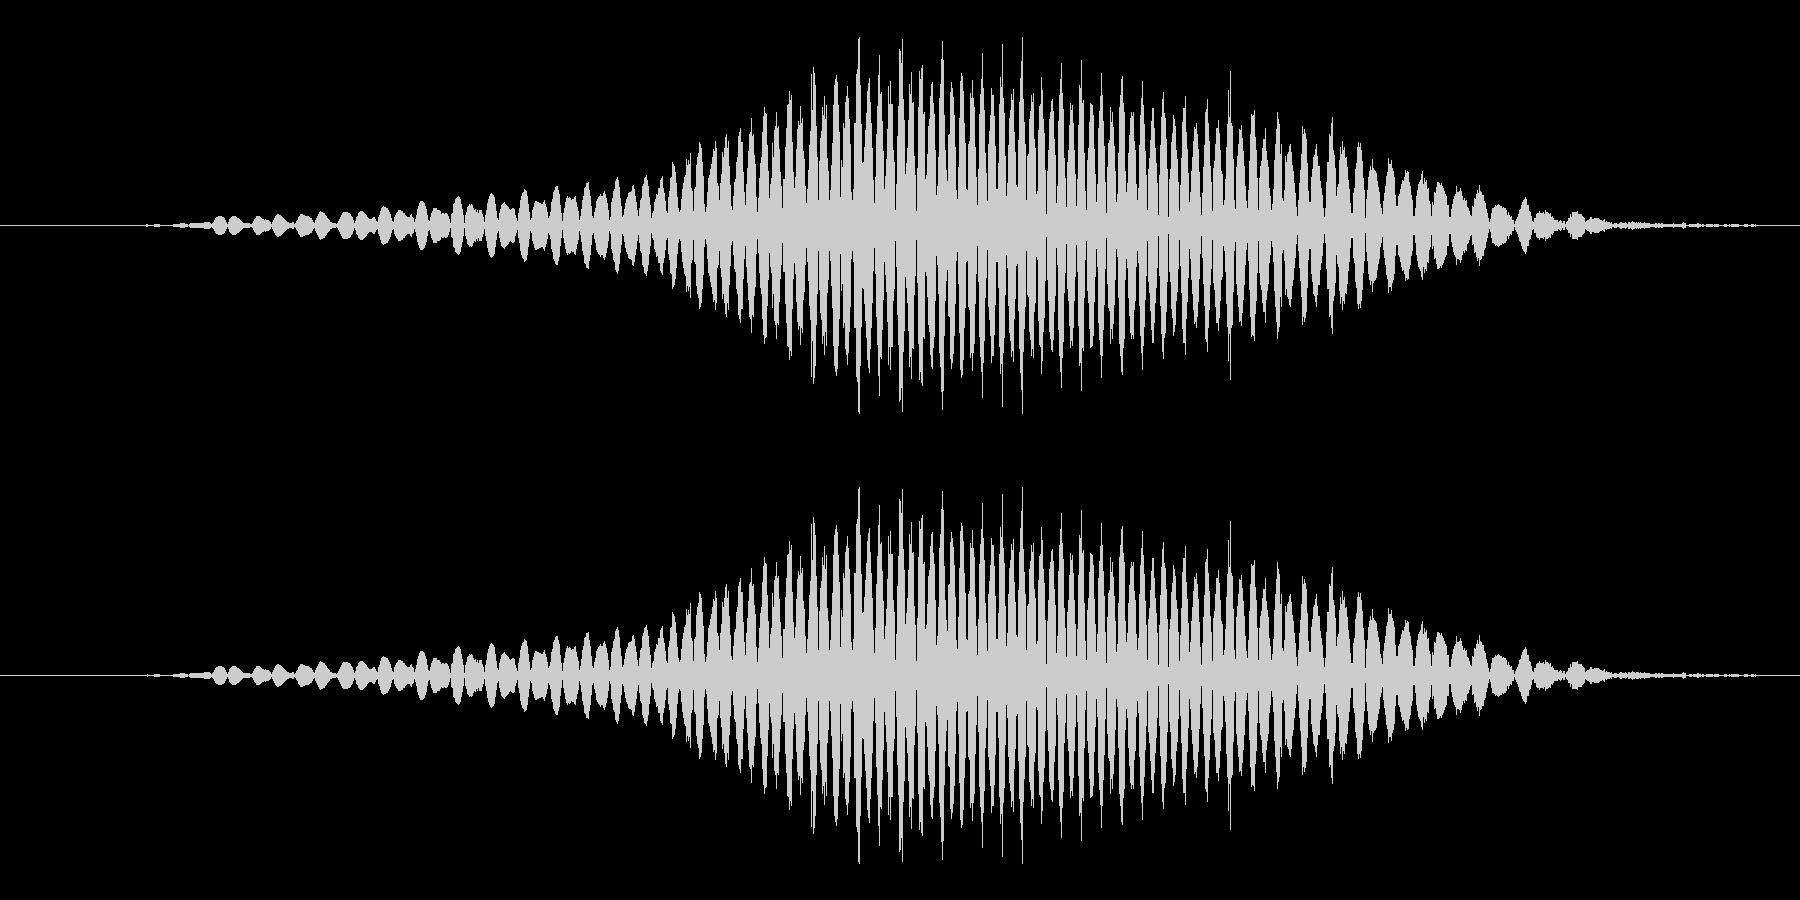 「に(2)」渋い男性の声の未再生の波形